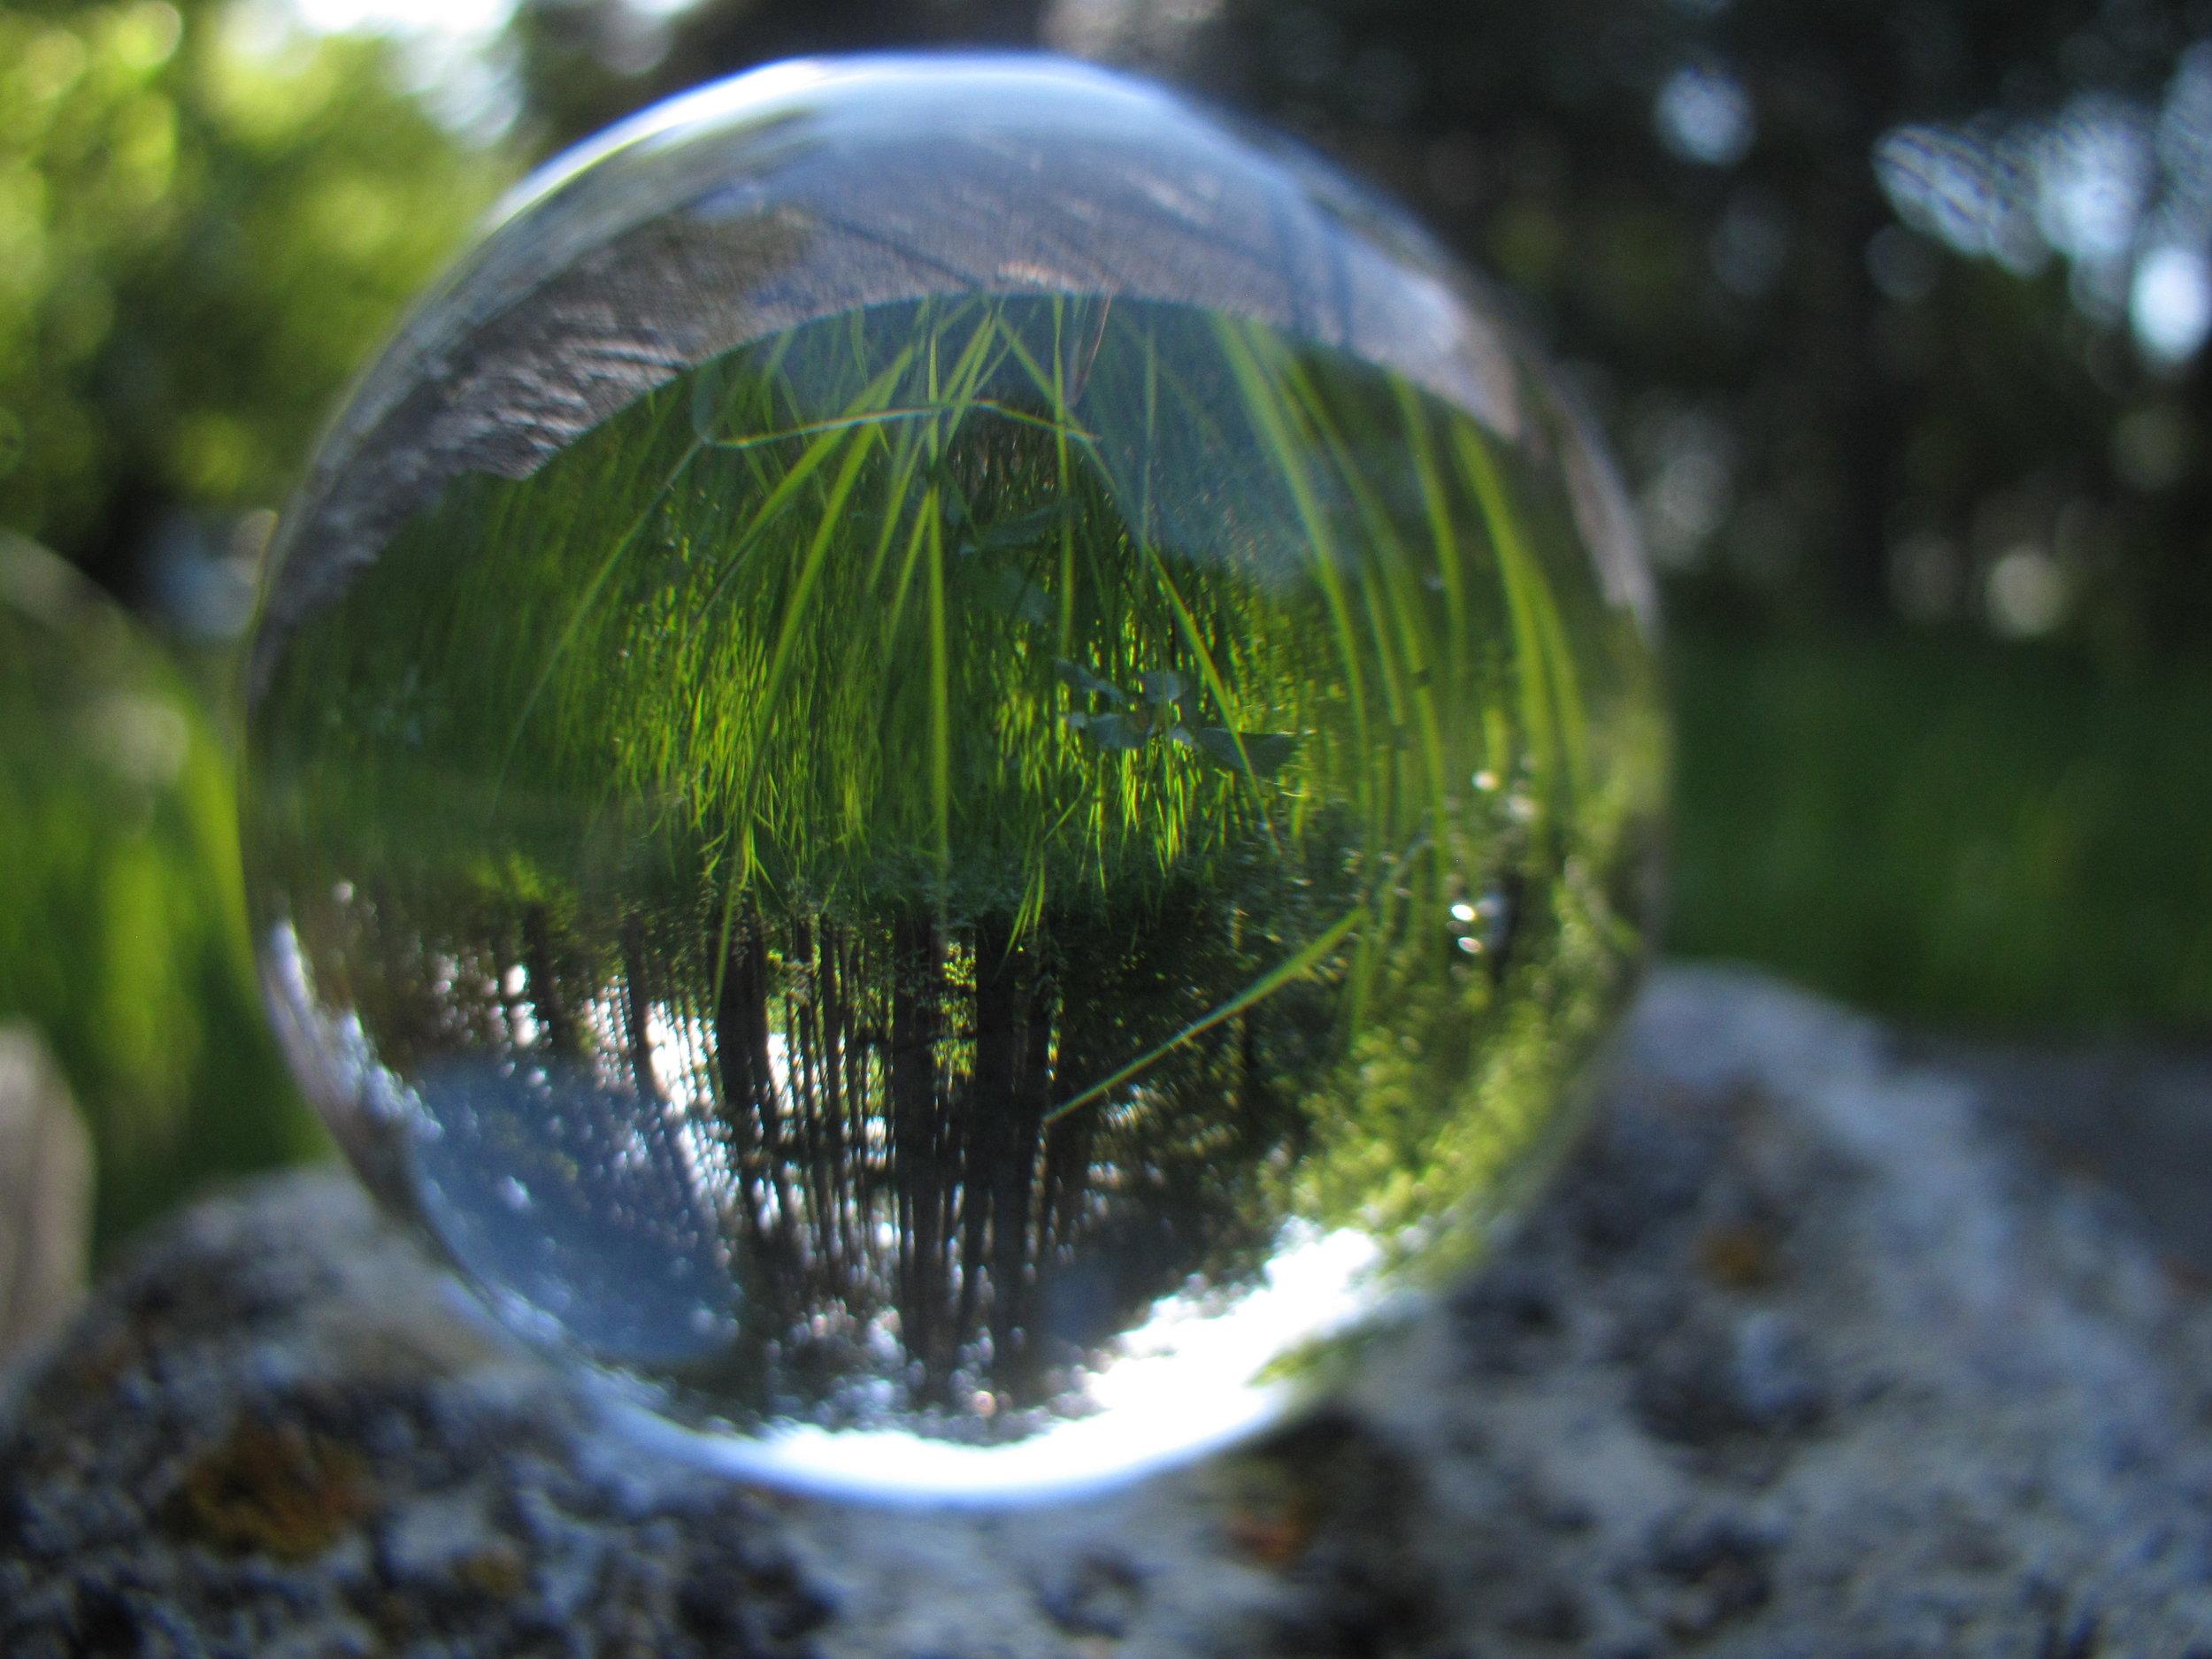 naturephoto